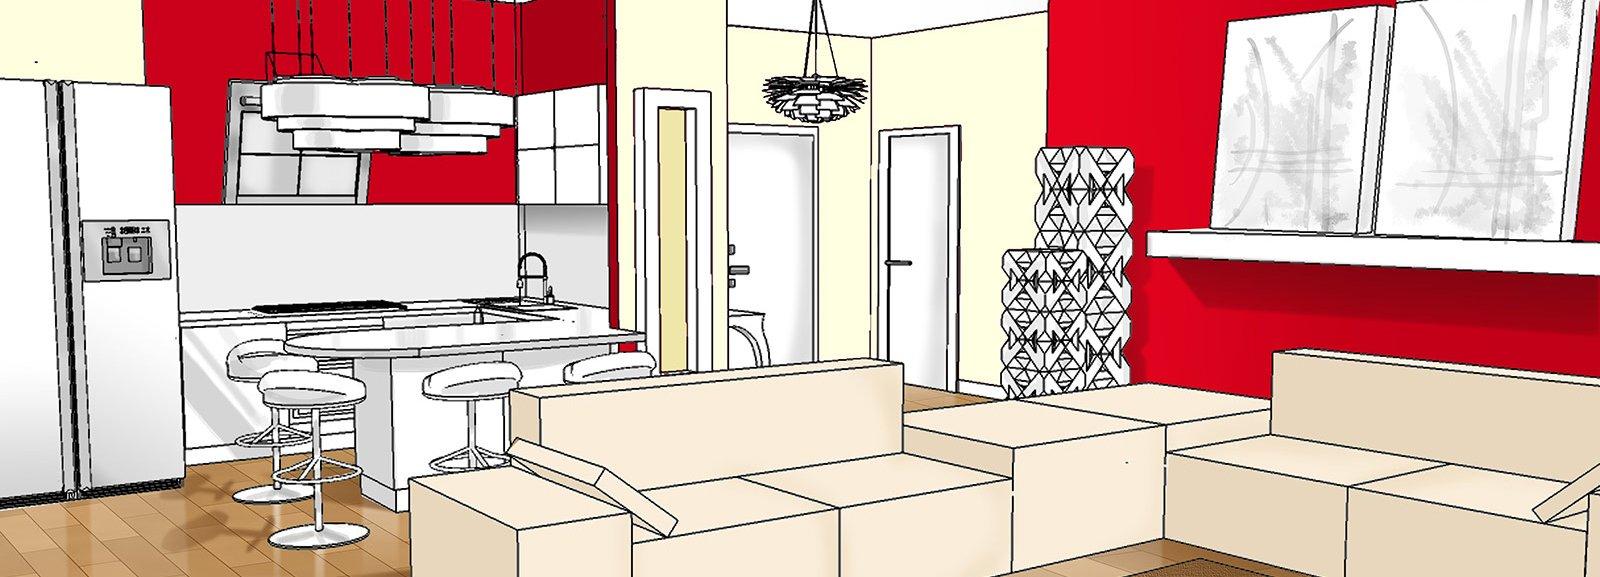 Ingresso aperto sul soggiorno idee da copiare cose di casa for Dipingere il soggiorno